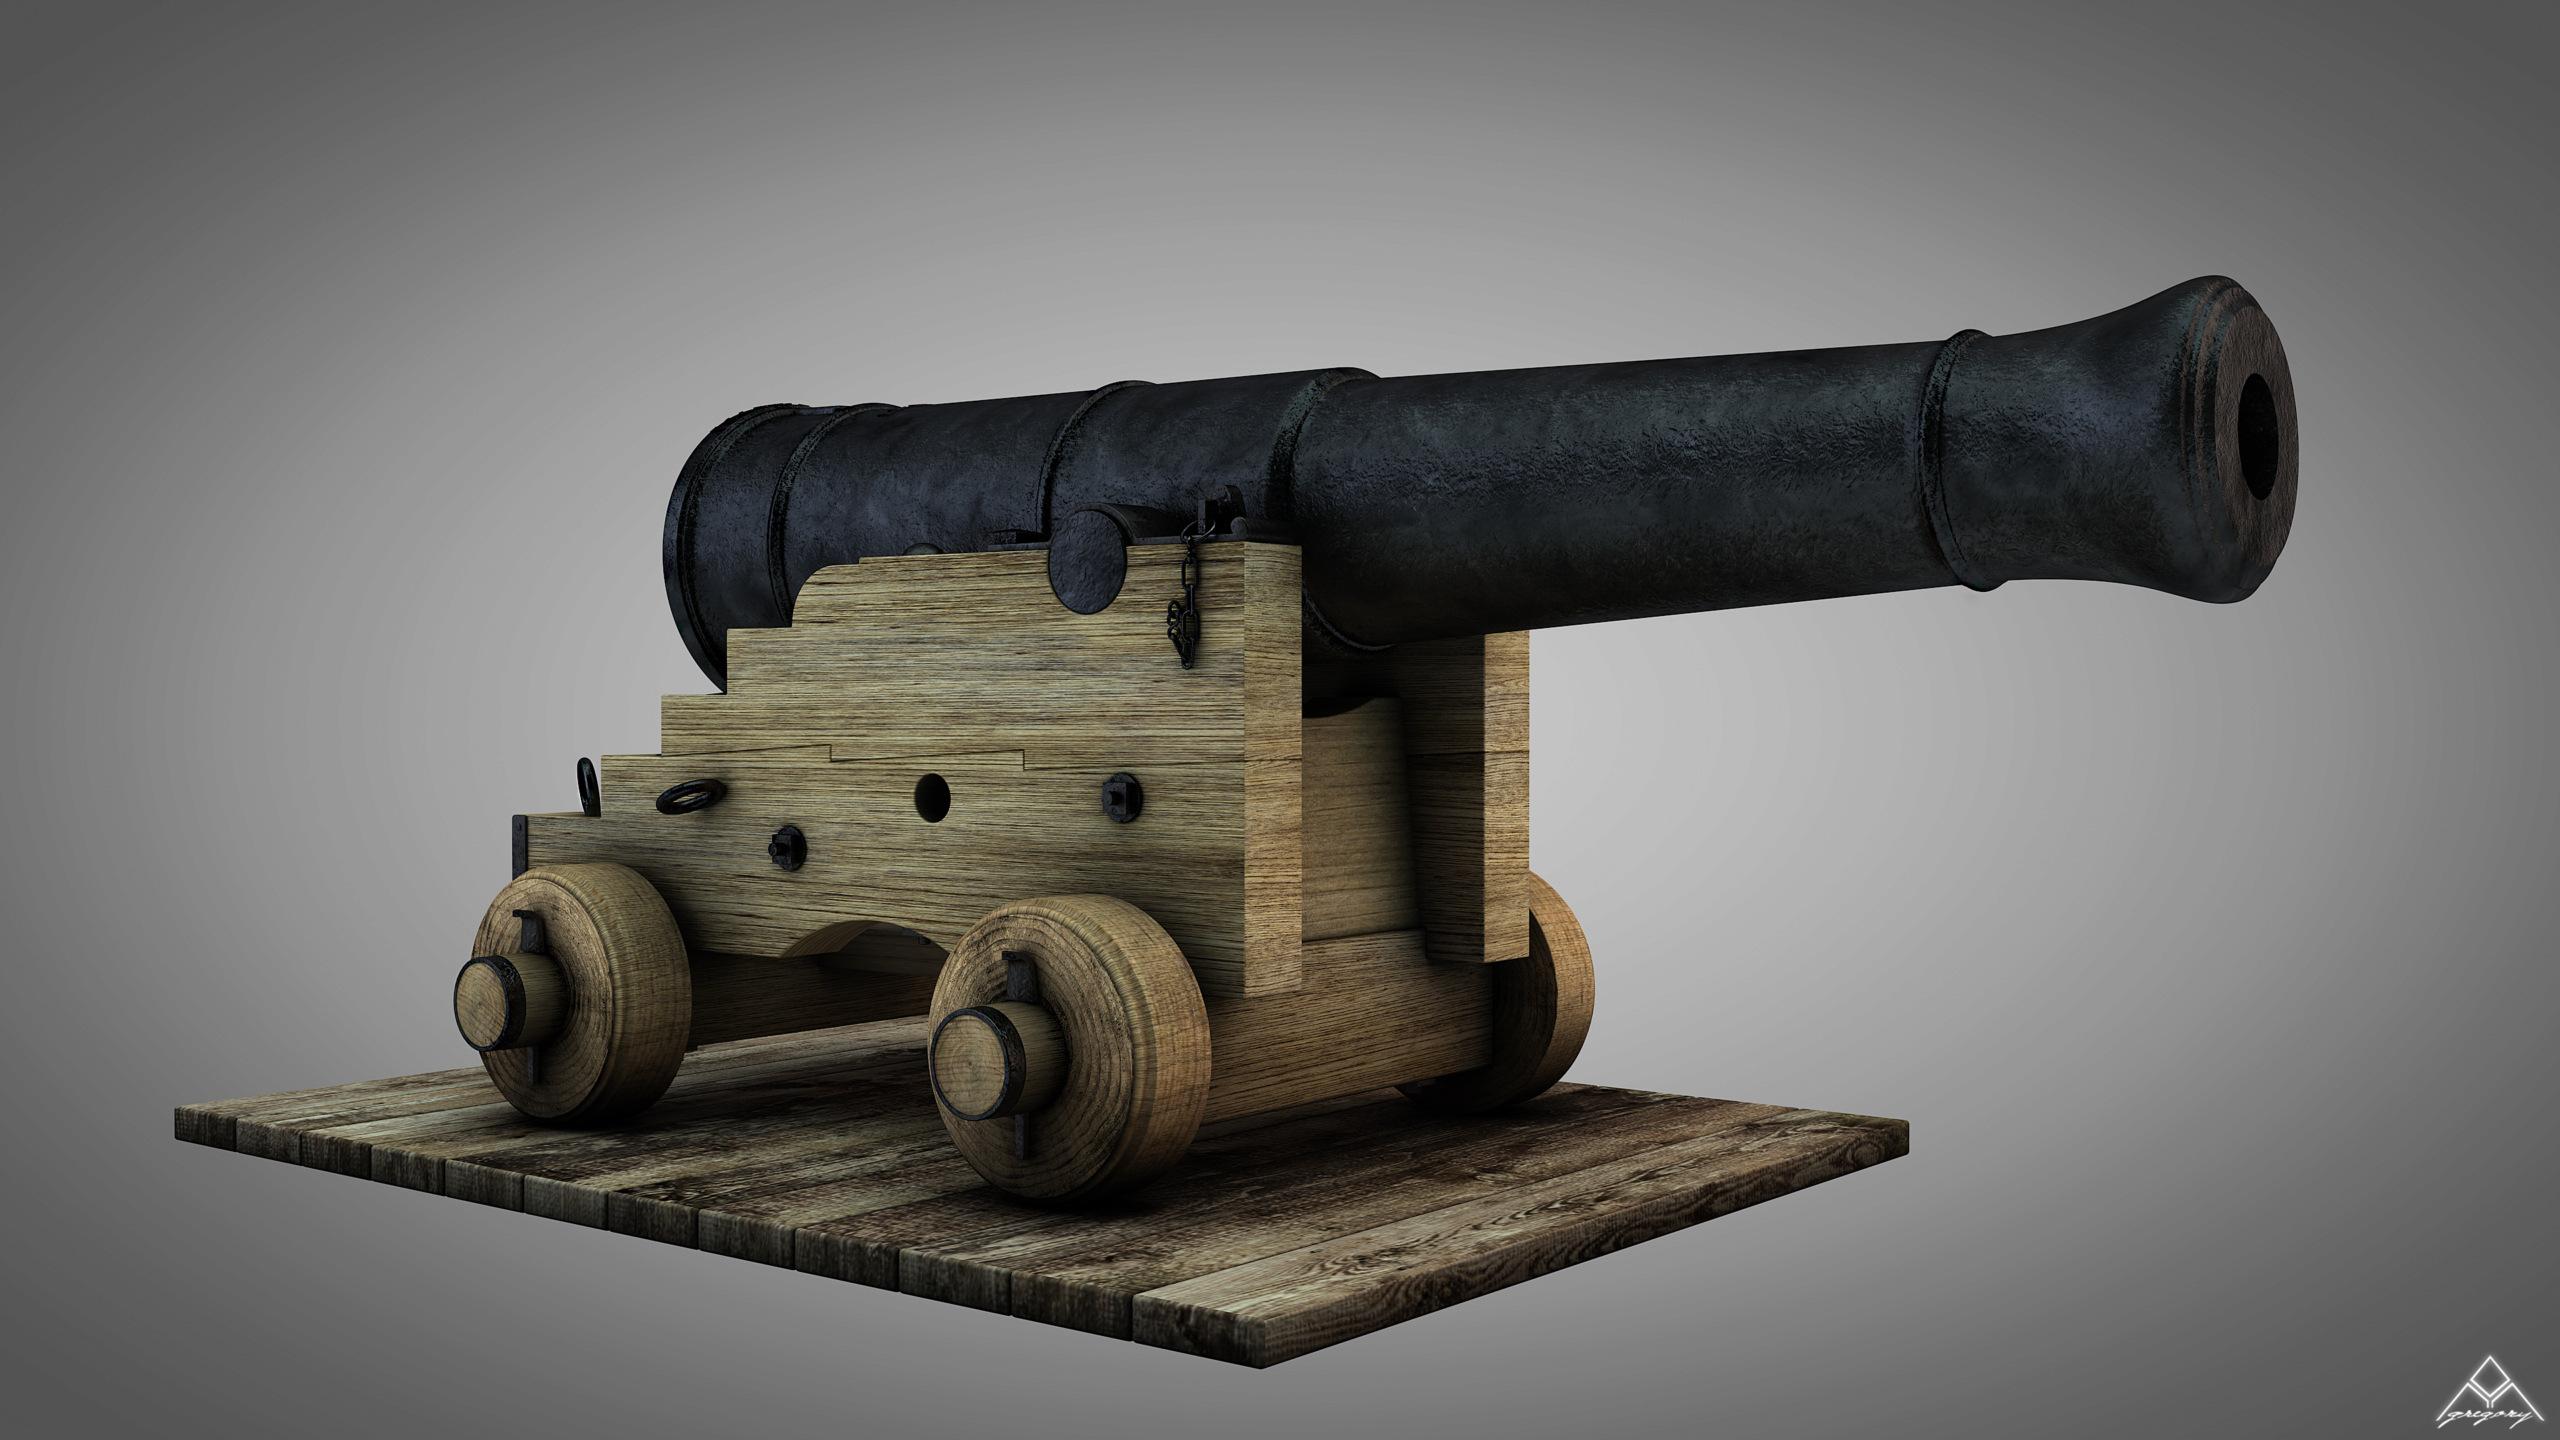 Canons de vaisseau 74 canons (Création 3D) par Greg_3D - Page 4 Canon_47